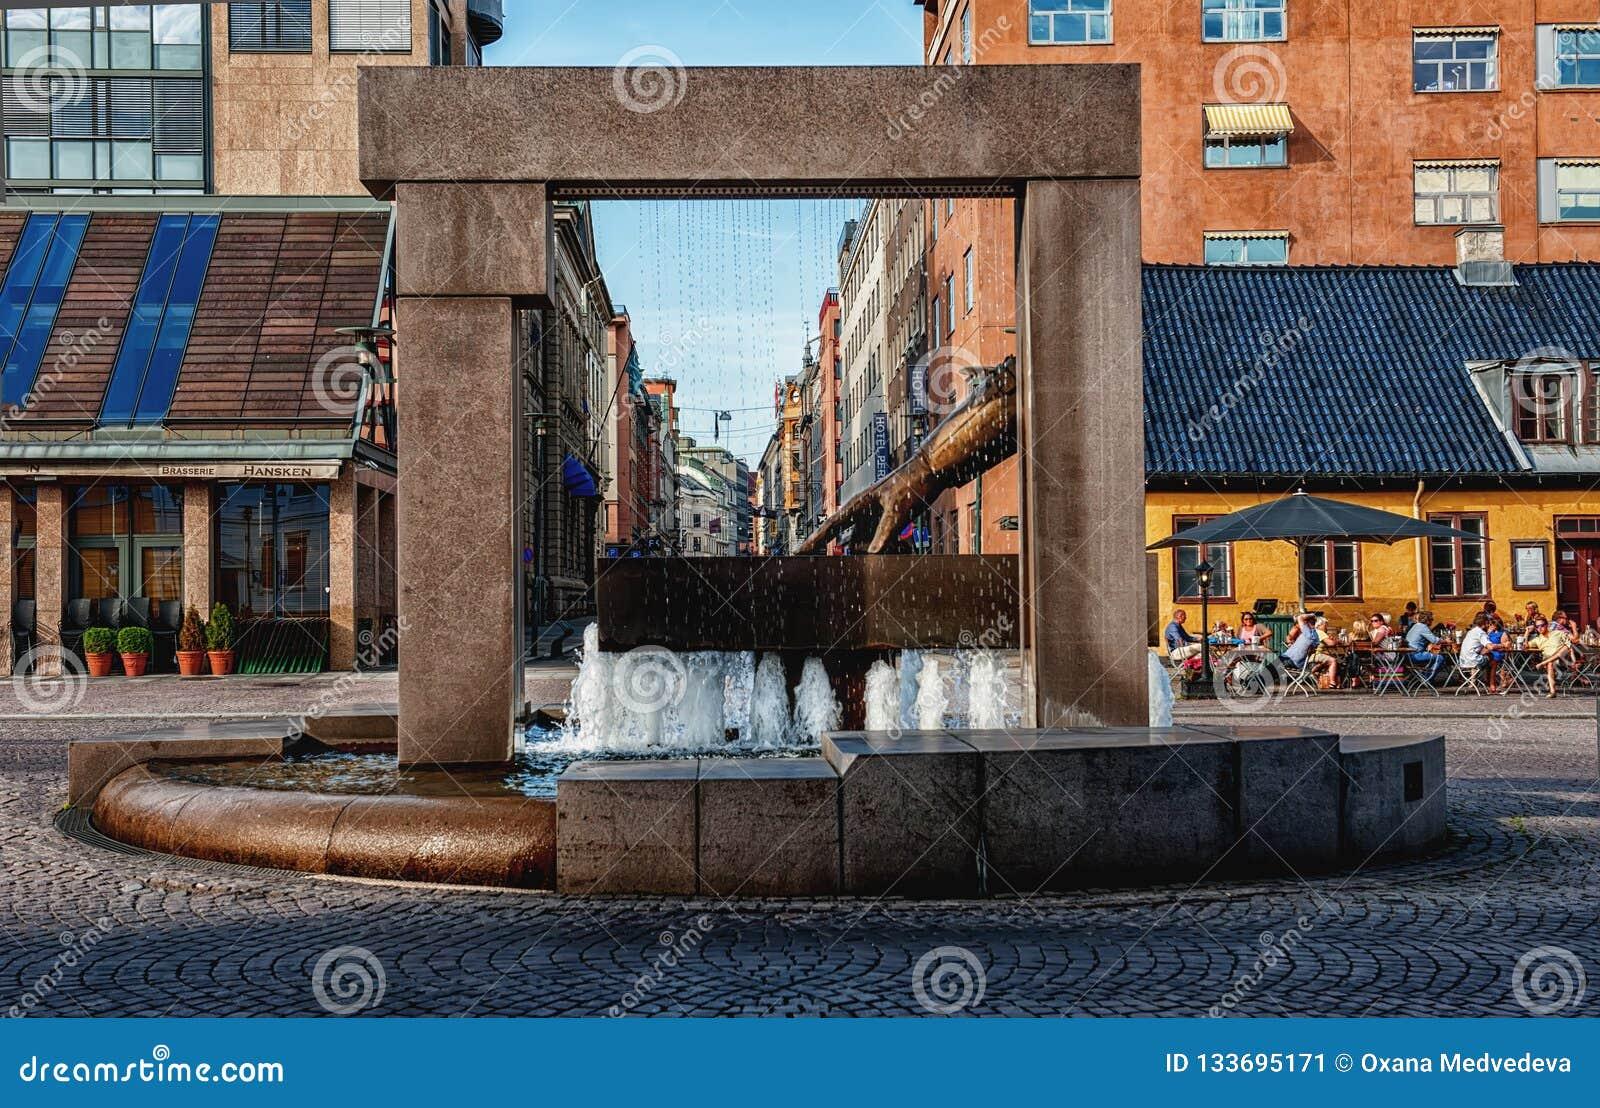 OSLO, NORVEGIA - 26 LUGLIO 2013: Guanto della fontana di Hansken con una scultura della mano di re Christian IV, indicante la pos